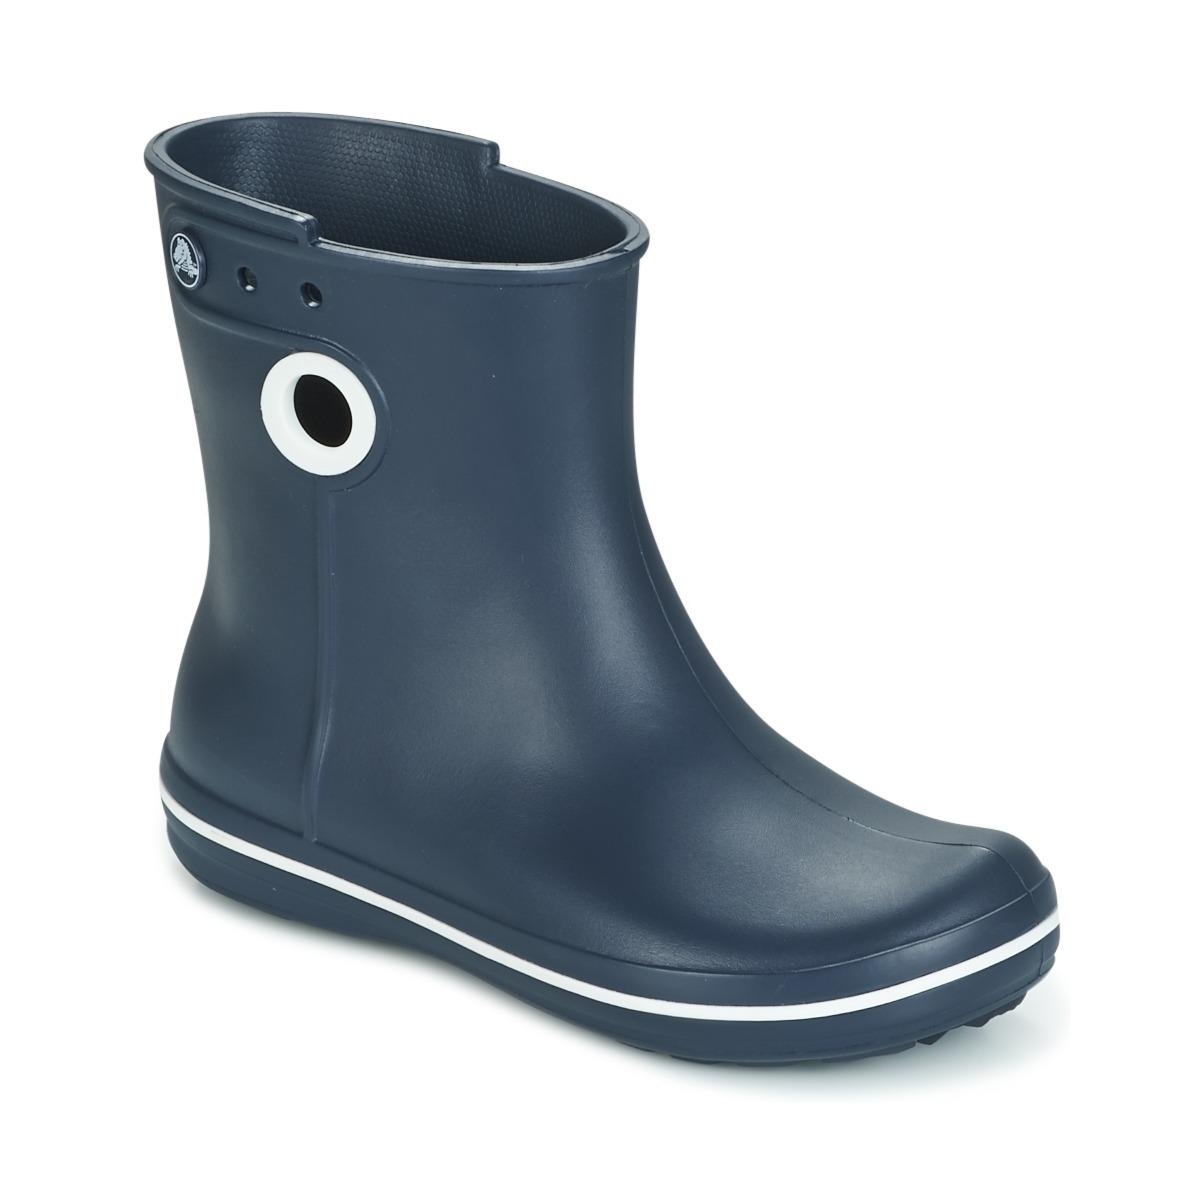 Crocs JAUNT SHORTY BOOTS Marine - Kostenloser Versand bei Spartoode ! - Schuhe Gummistiefel Damen 32,00 €